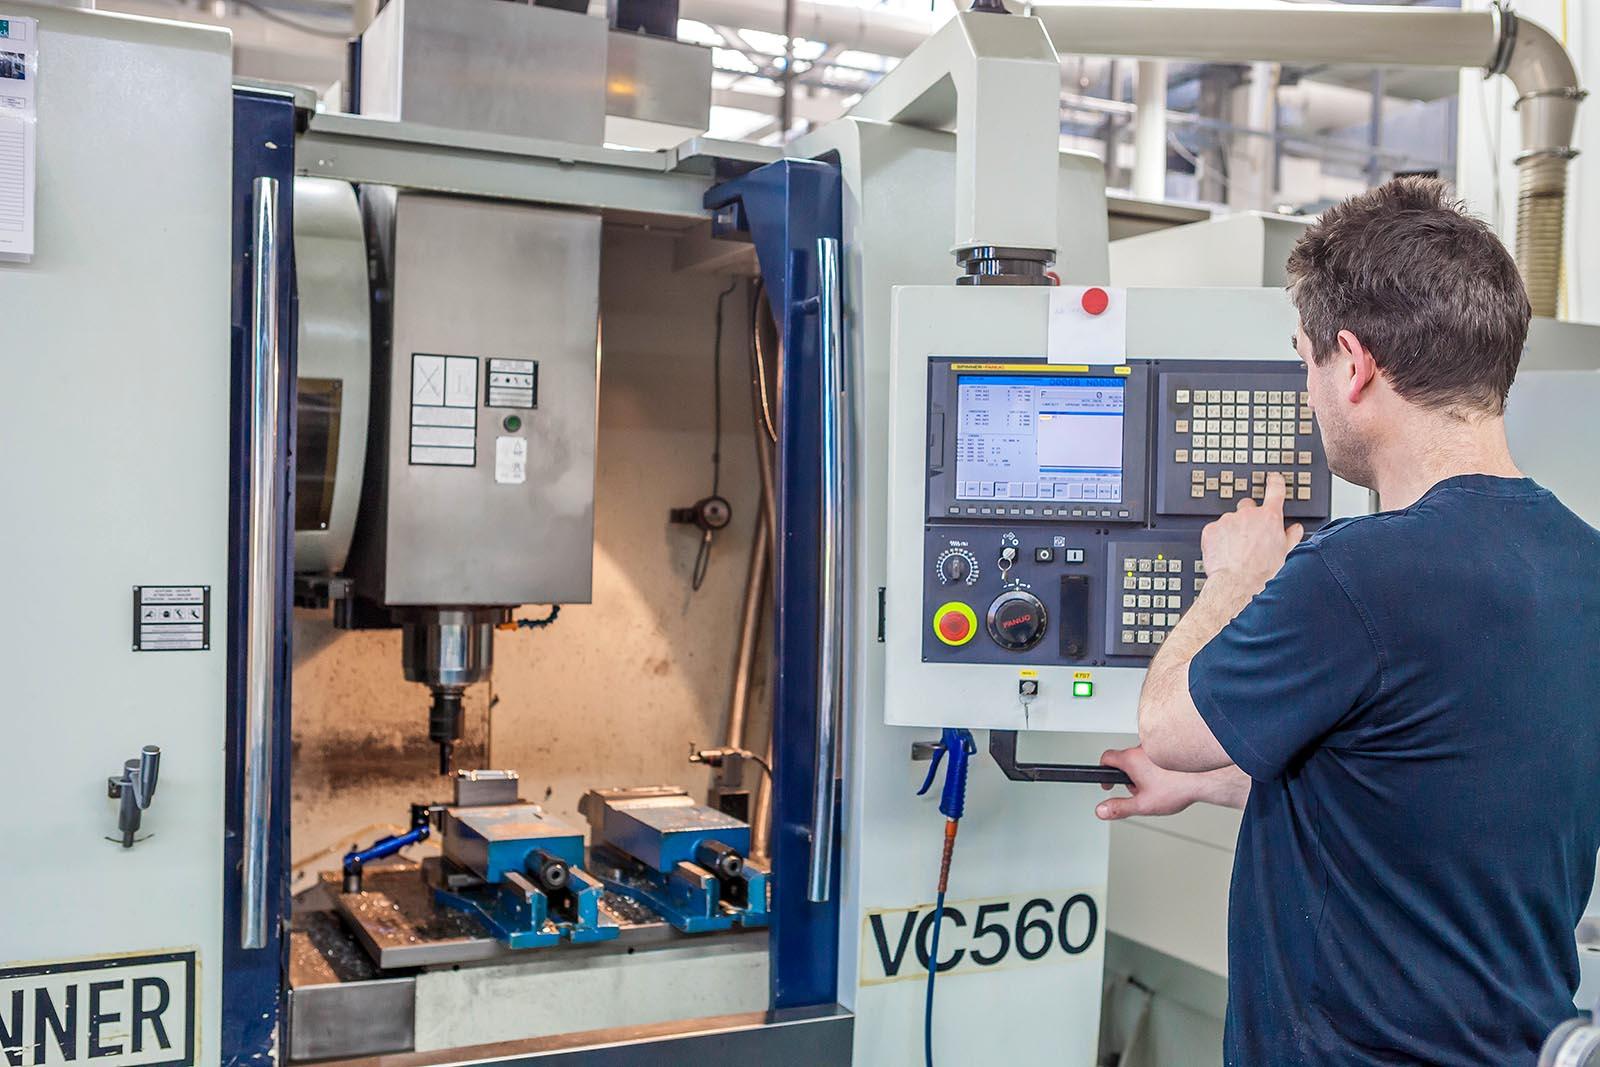 Arbeiter an CNC-Maschine, nimmt Einstellungen vor VC560